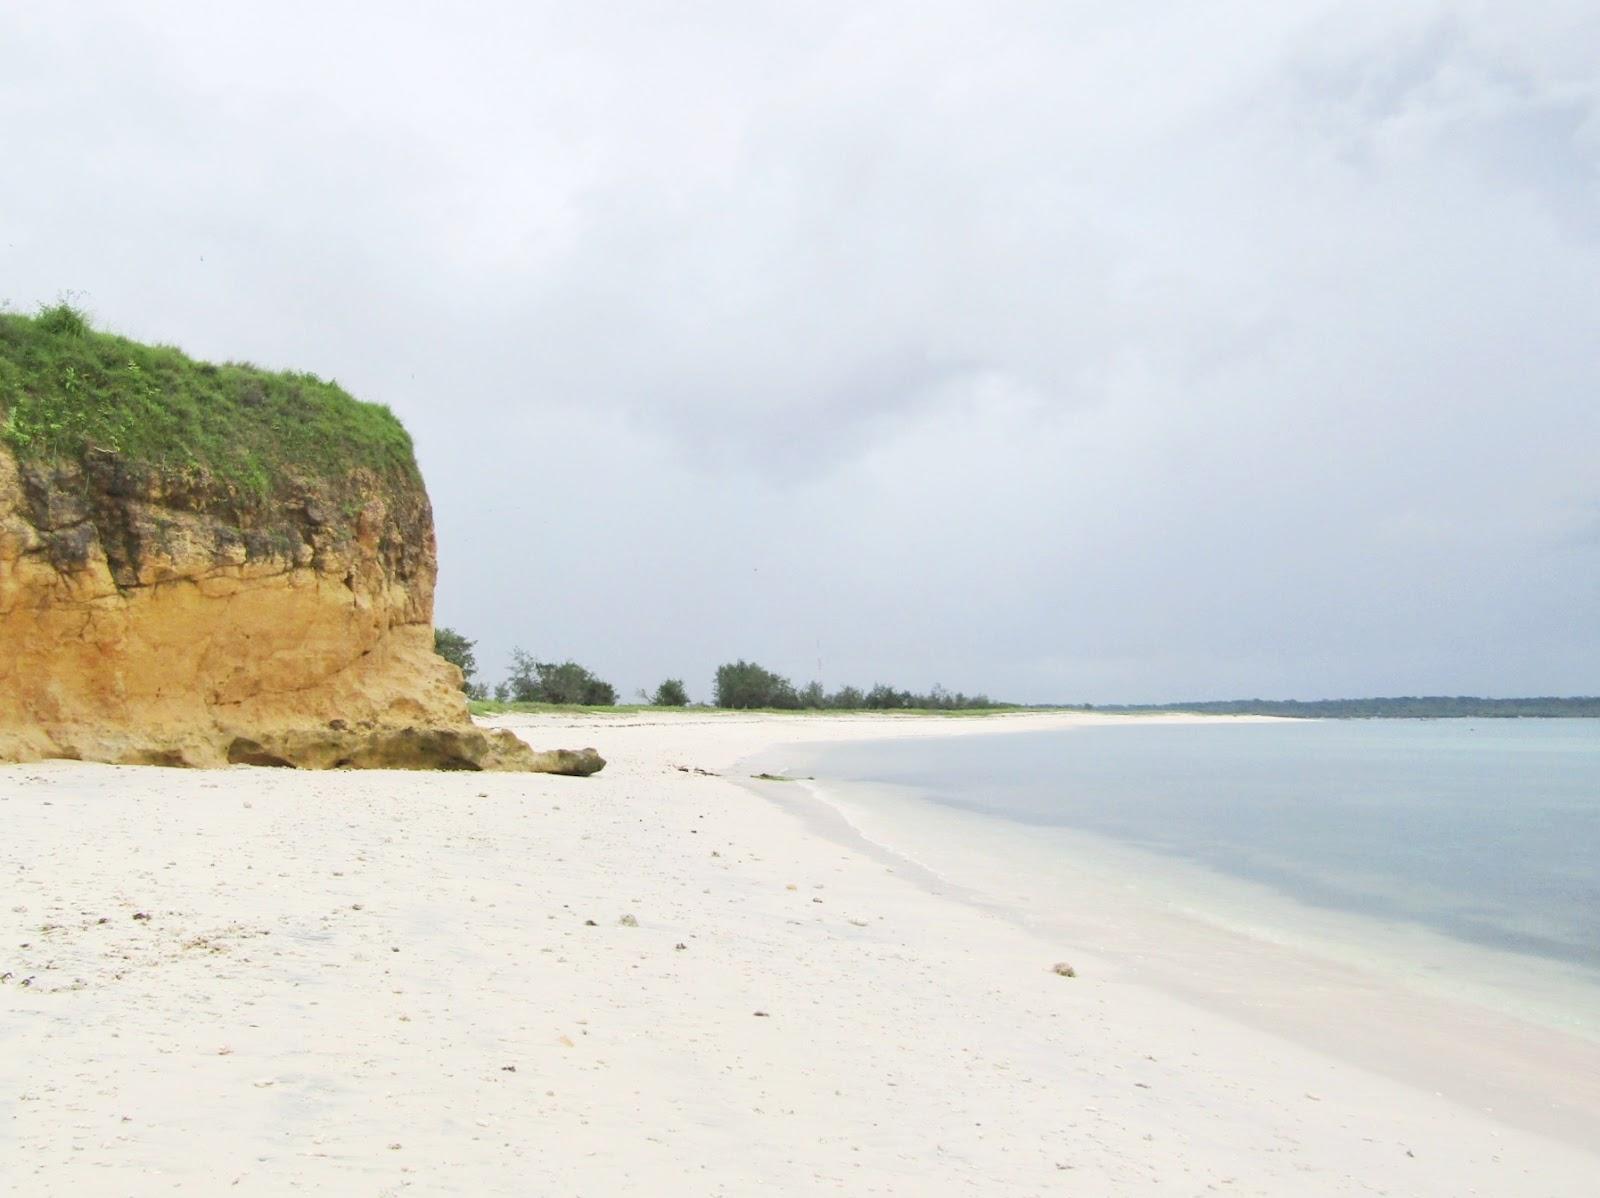 Sebelum Pantai Cemara Terjual Turseena Amelia I Personal Blog